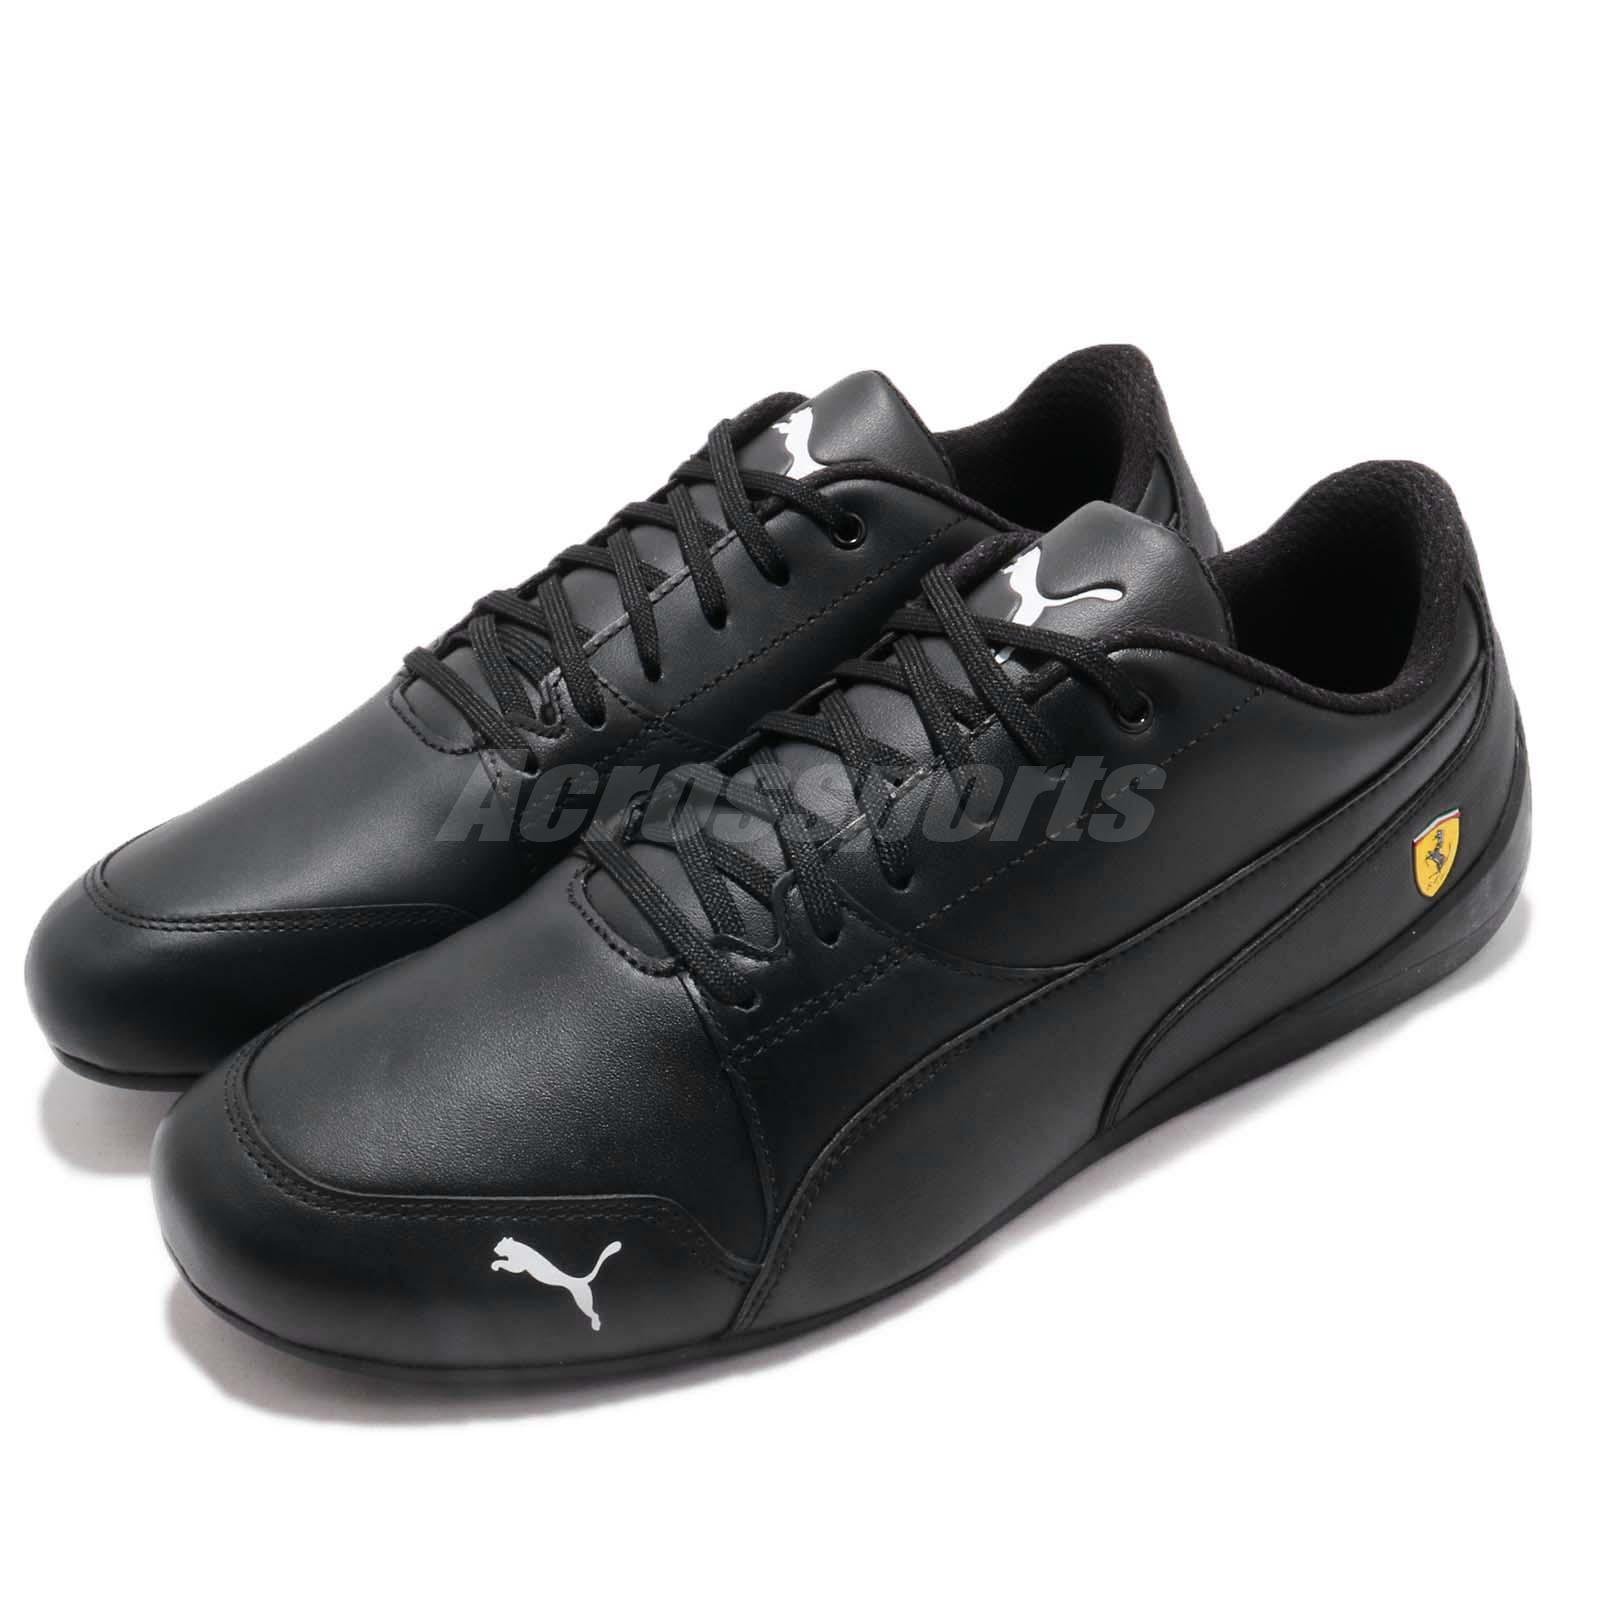 Details about Puma SF Drift Cat 7 Ferrari Black White Men Women Motorsport  Shoes 305998-05 3d1a67393